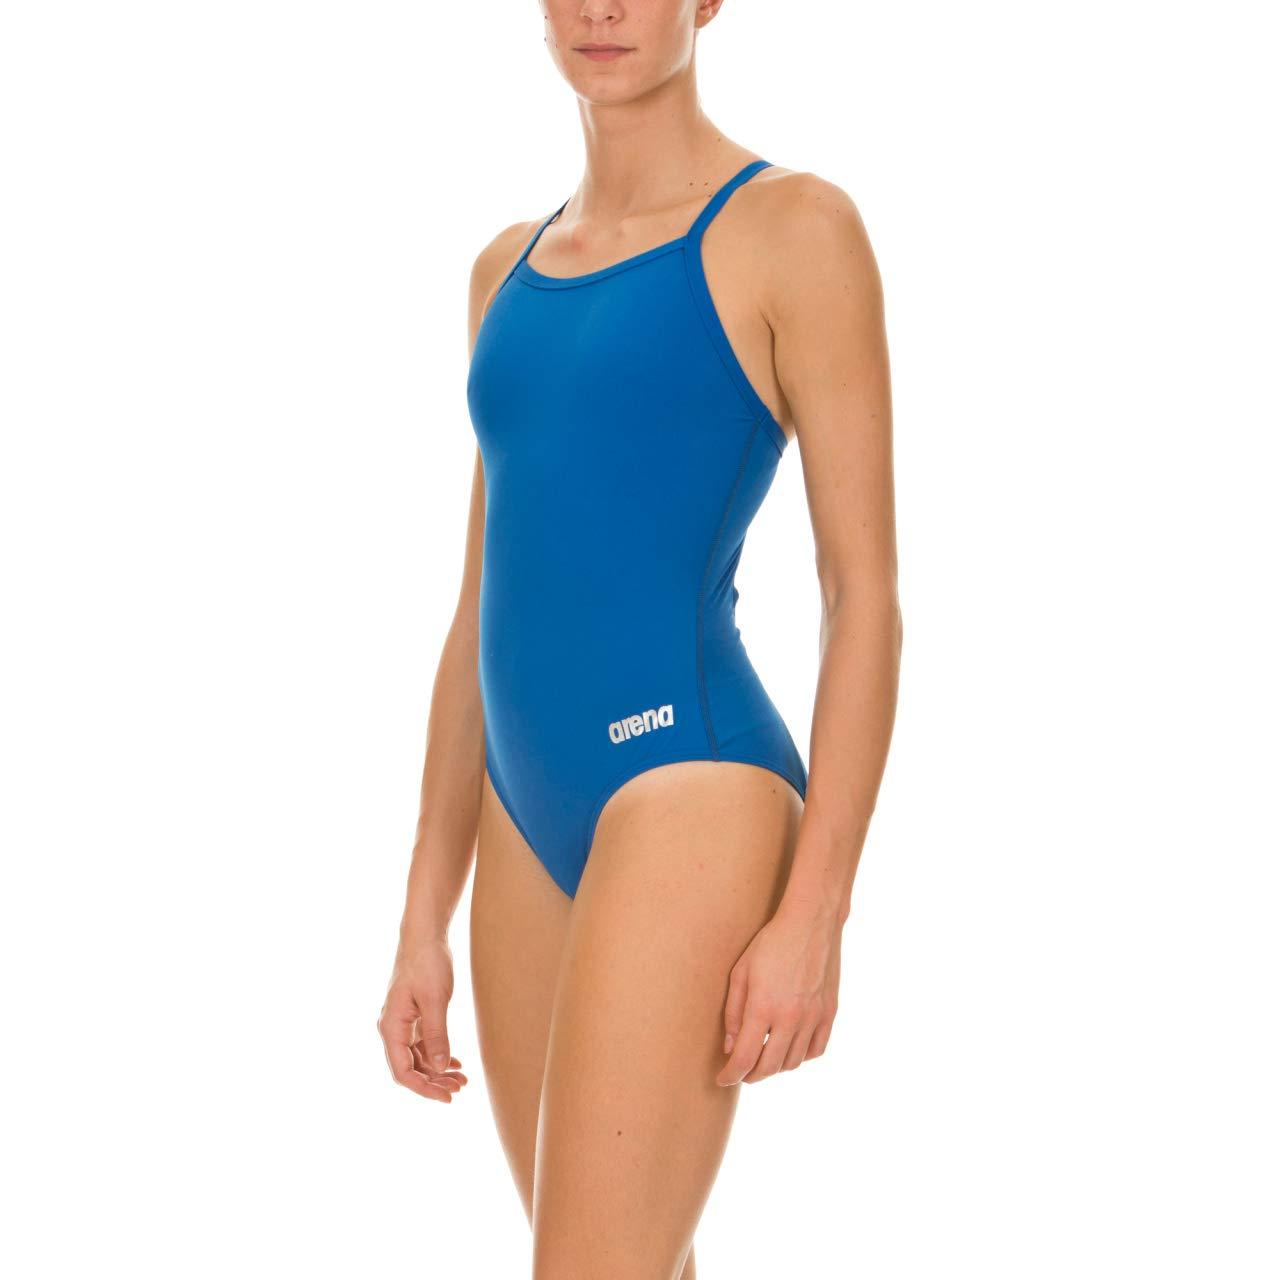 正規代理店 Arena Women 's One Mast 30 MaxlifeシンストラップオープンRacer Back One Royal/Metallic Piece Swimsuit B00AH01FUC Royal/Metallic Silver 30 30|Royal/Metallic Silver, かあちゃんのふとん:9e7344a9 --- leadjob.us